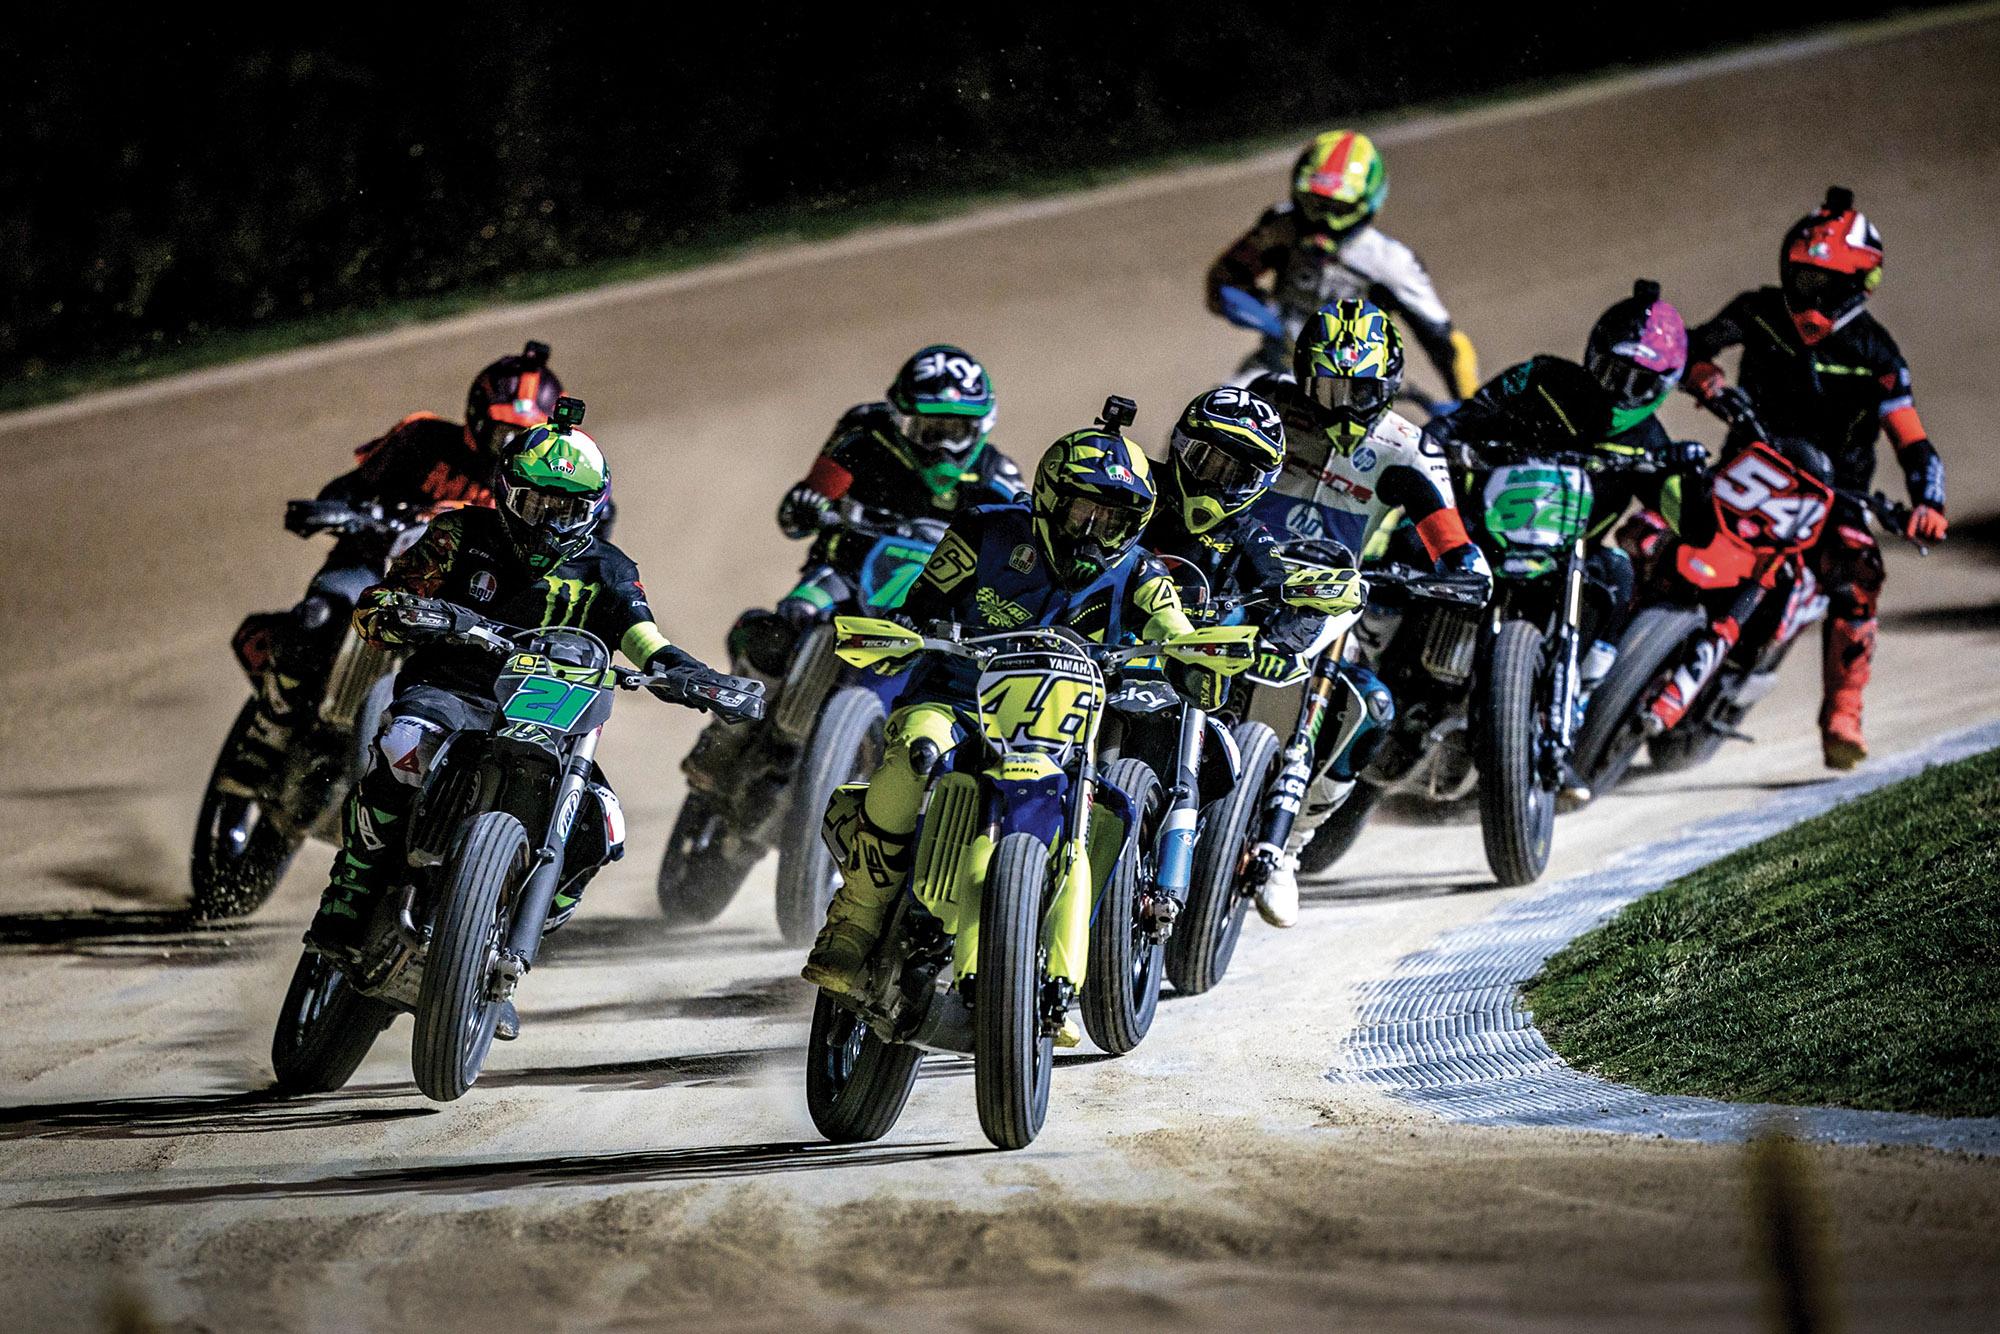 Racing at VR46 ranch